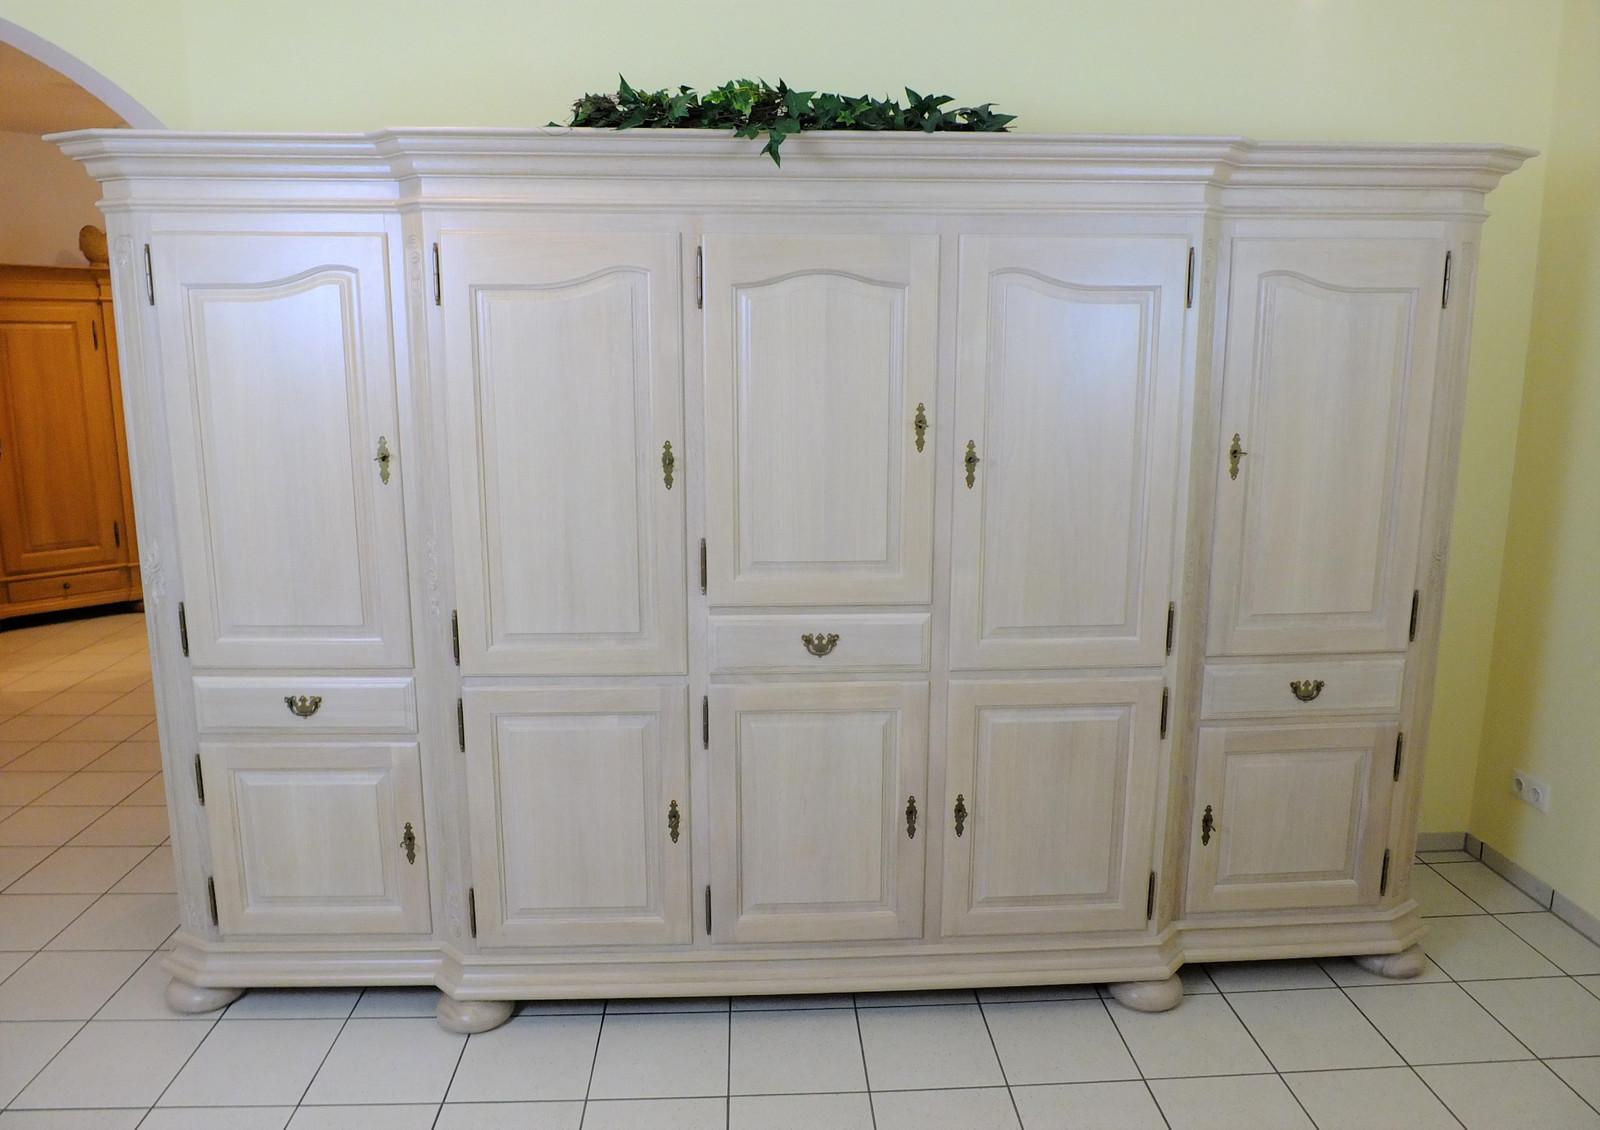 Gerona Schrank 5-türig / Wohnschrank mit Kleiderfach - Breite 320 cm Höhe 220 cm Eiche salin (weiß) gebeizt ,  Eiche vollmassiv - klassisches Möbelstück mit moderner Oberfläche